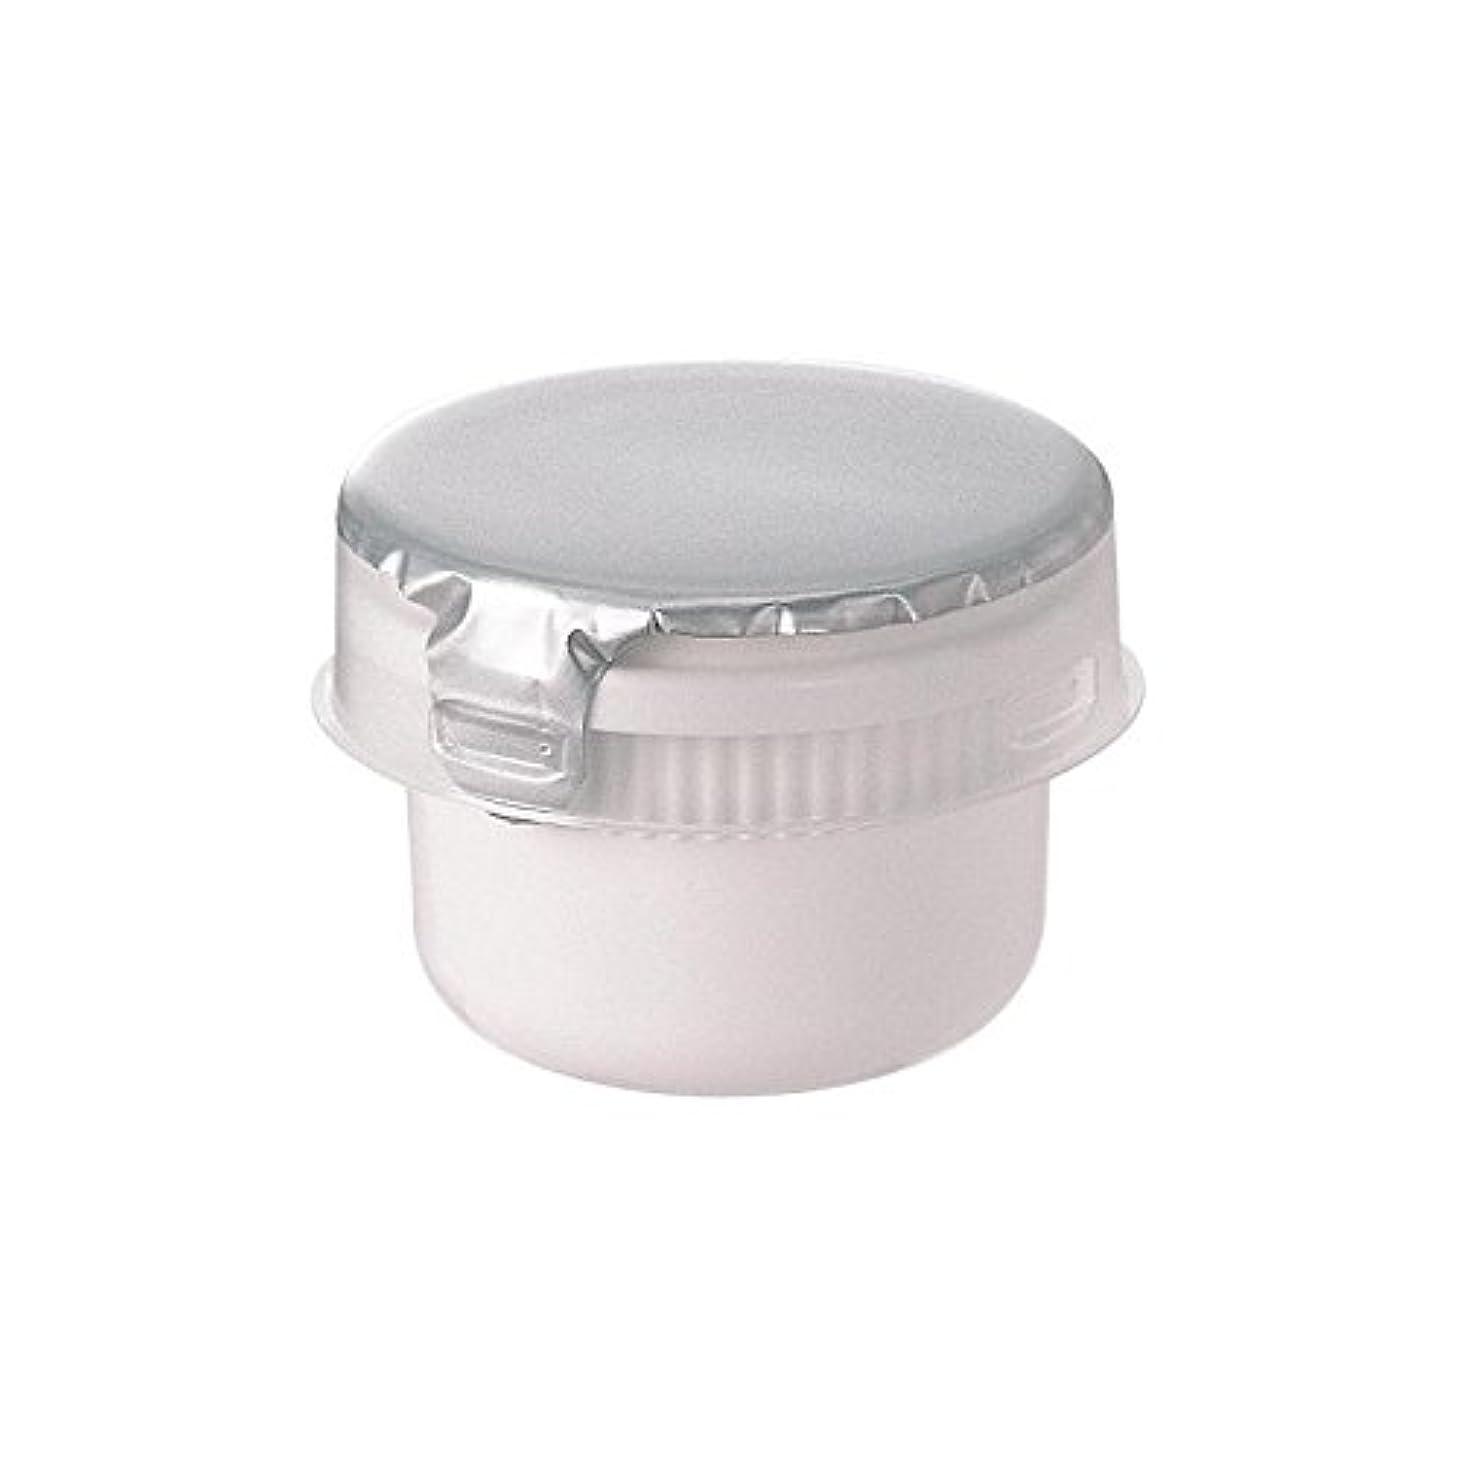 専門石膏うぬぼれたオルビス(ORBIS) オイルカット アクアフォースエキストラジェル 詰め替え用 30g